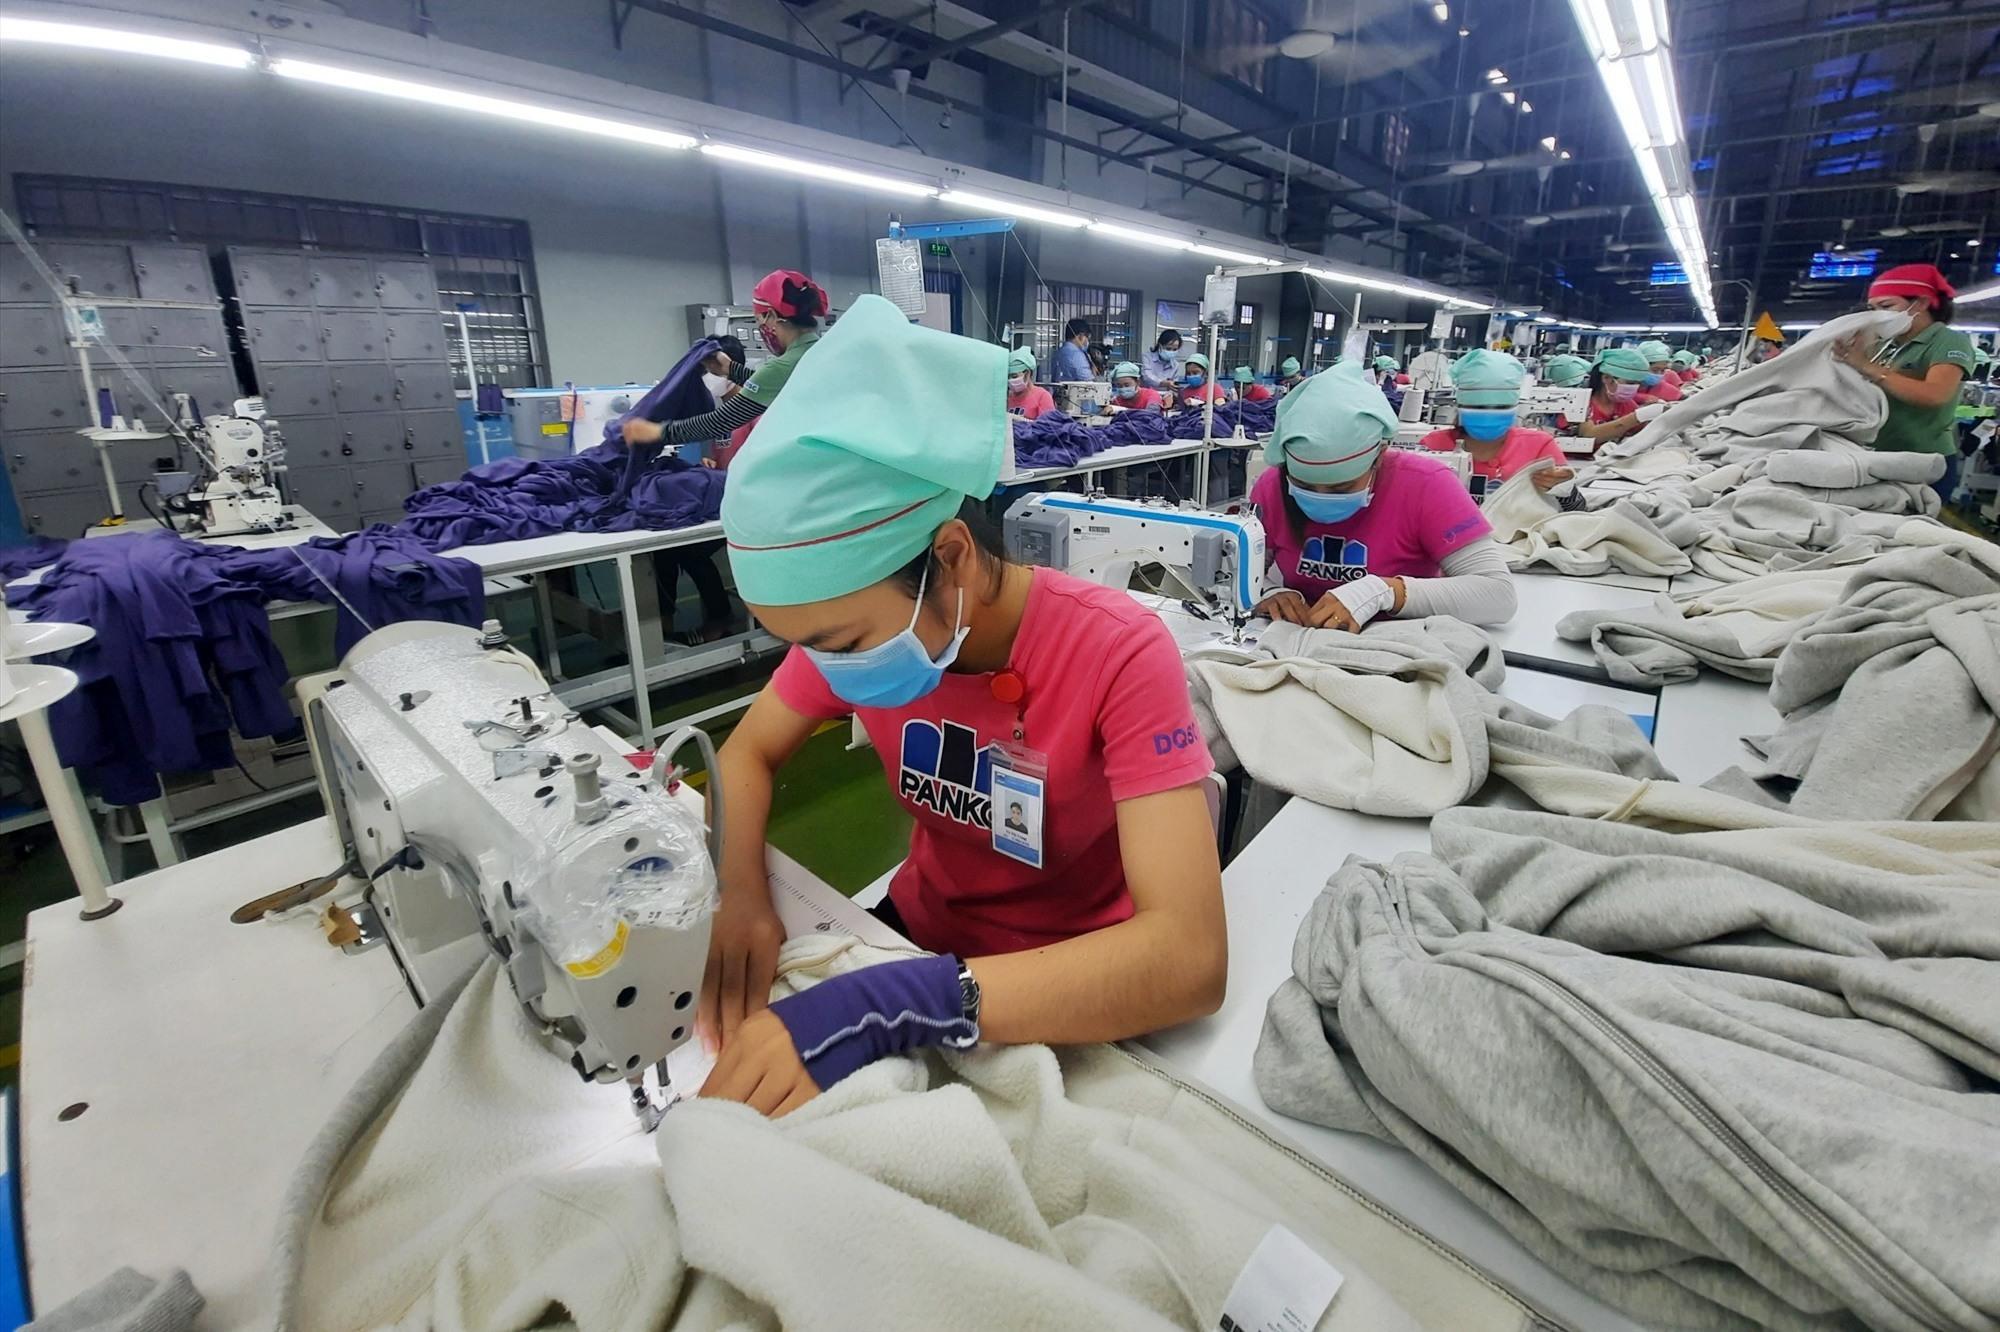 Người lao động đang tham gia bảo hiểm thất nghiệp sẽ nhận hỗ trợ theo Nghị quyết 116. Ảnh: D.L